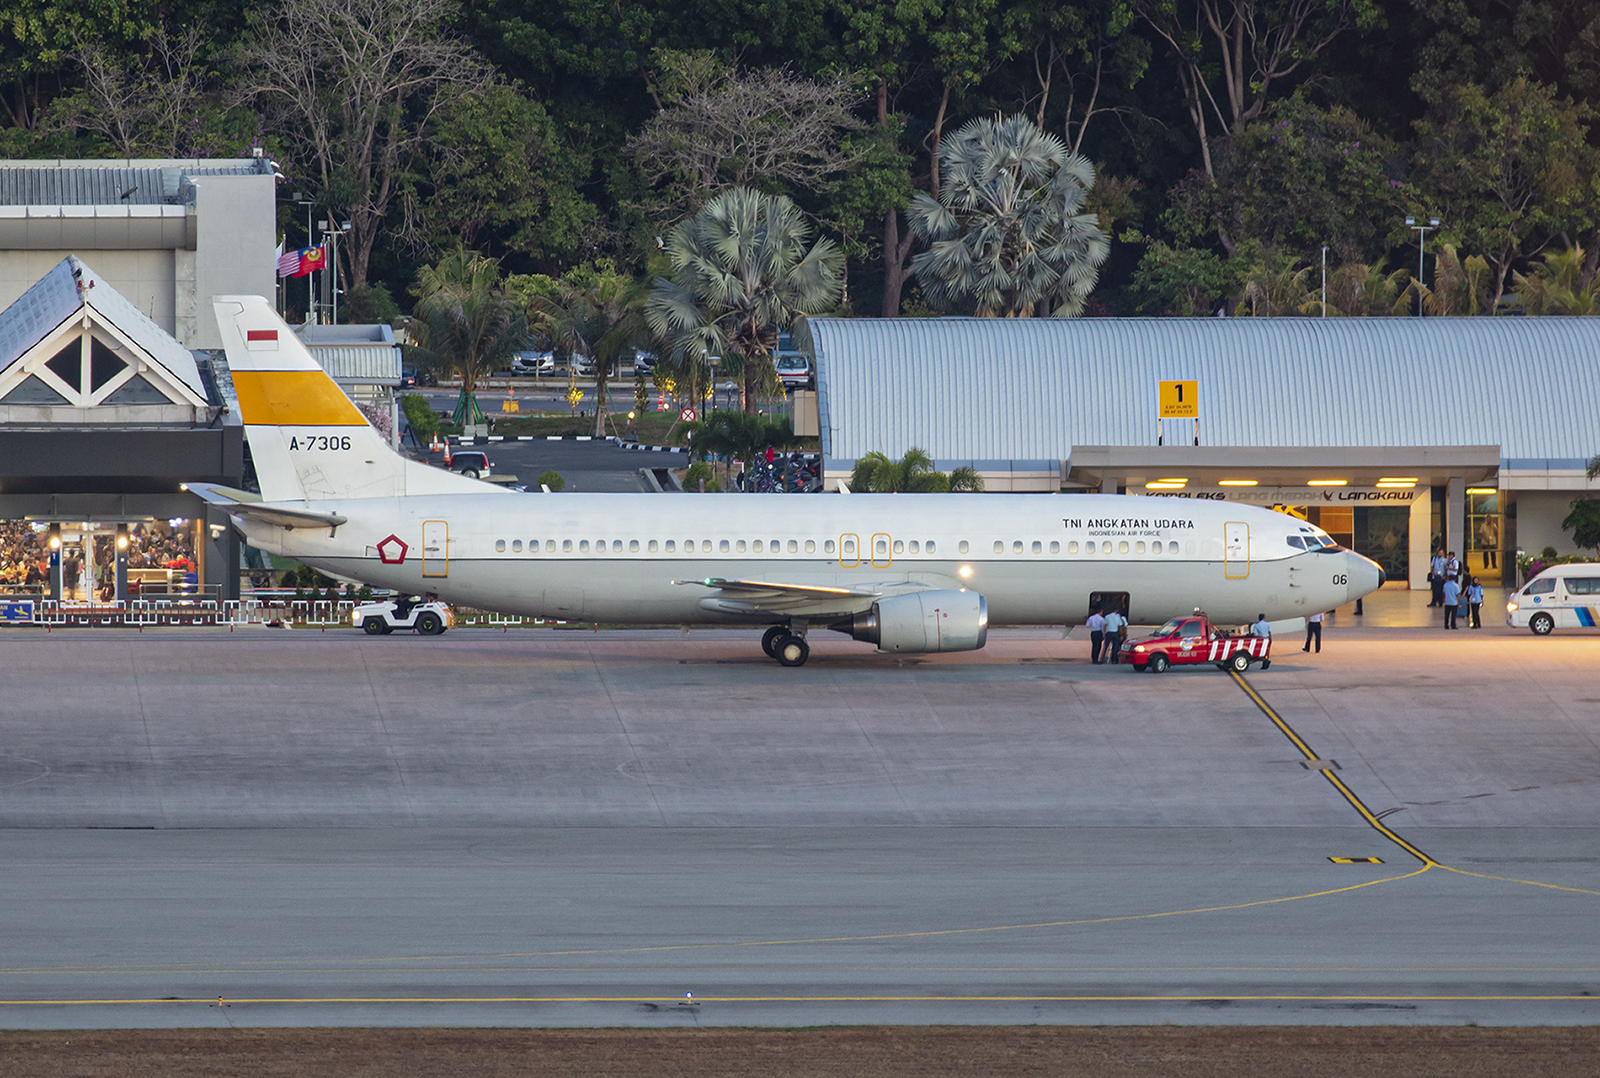 Boeing 737-400 der Luftwaffe Indonesiens im ersten Tageslicht.